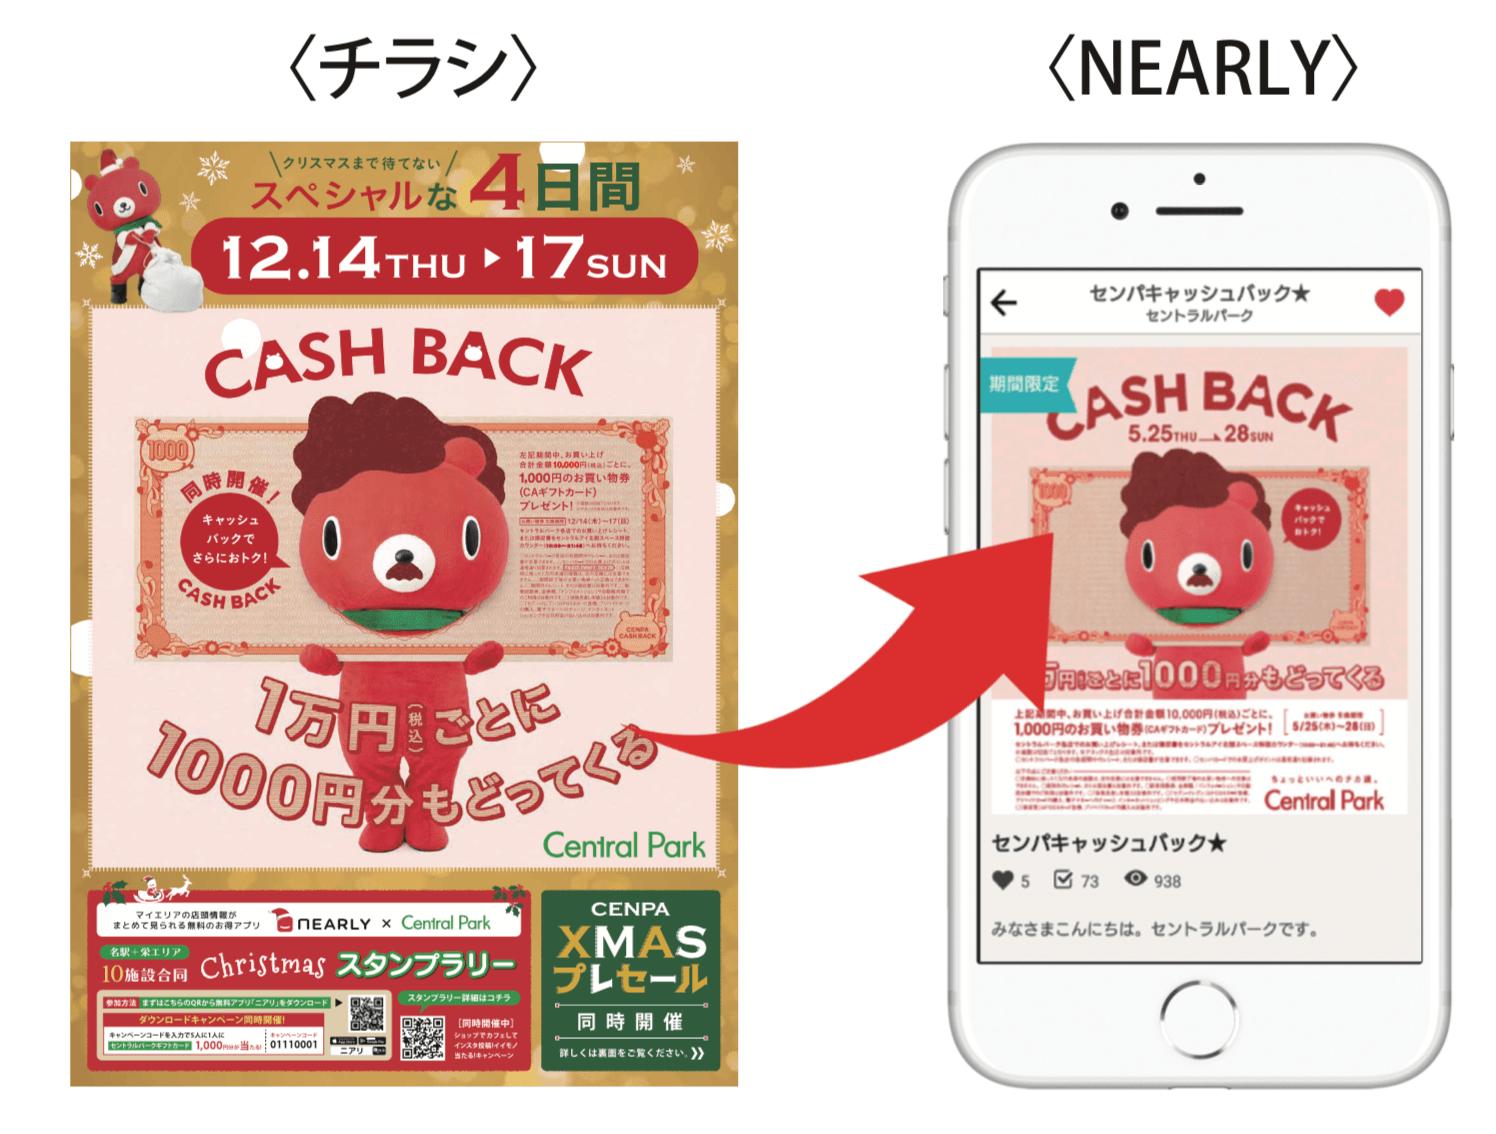 紙媒体×アプリの新規集客最大化の事例